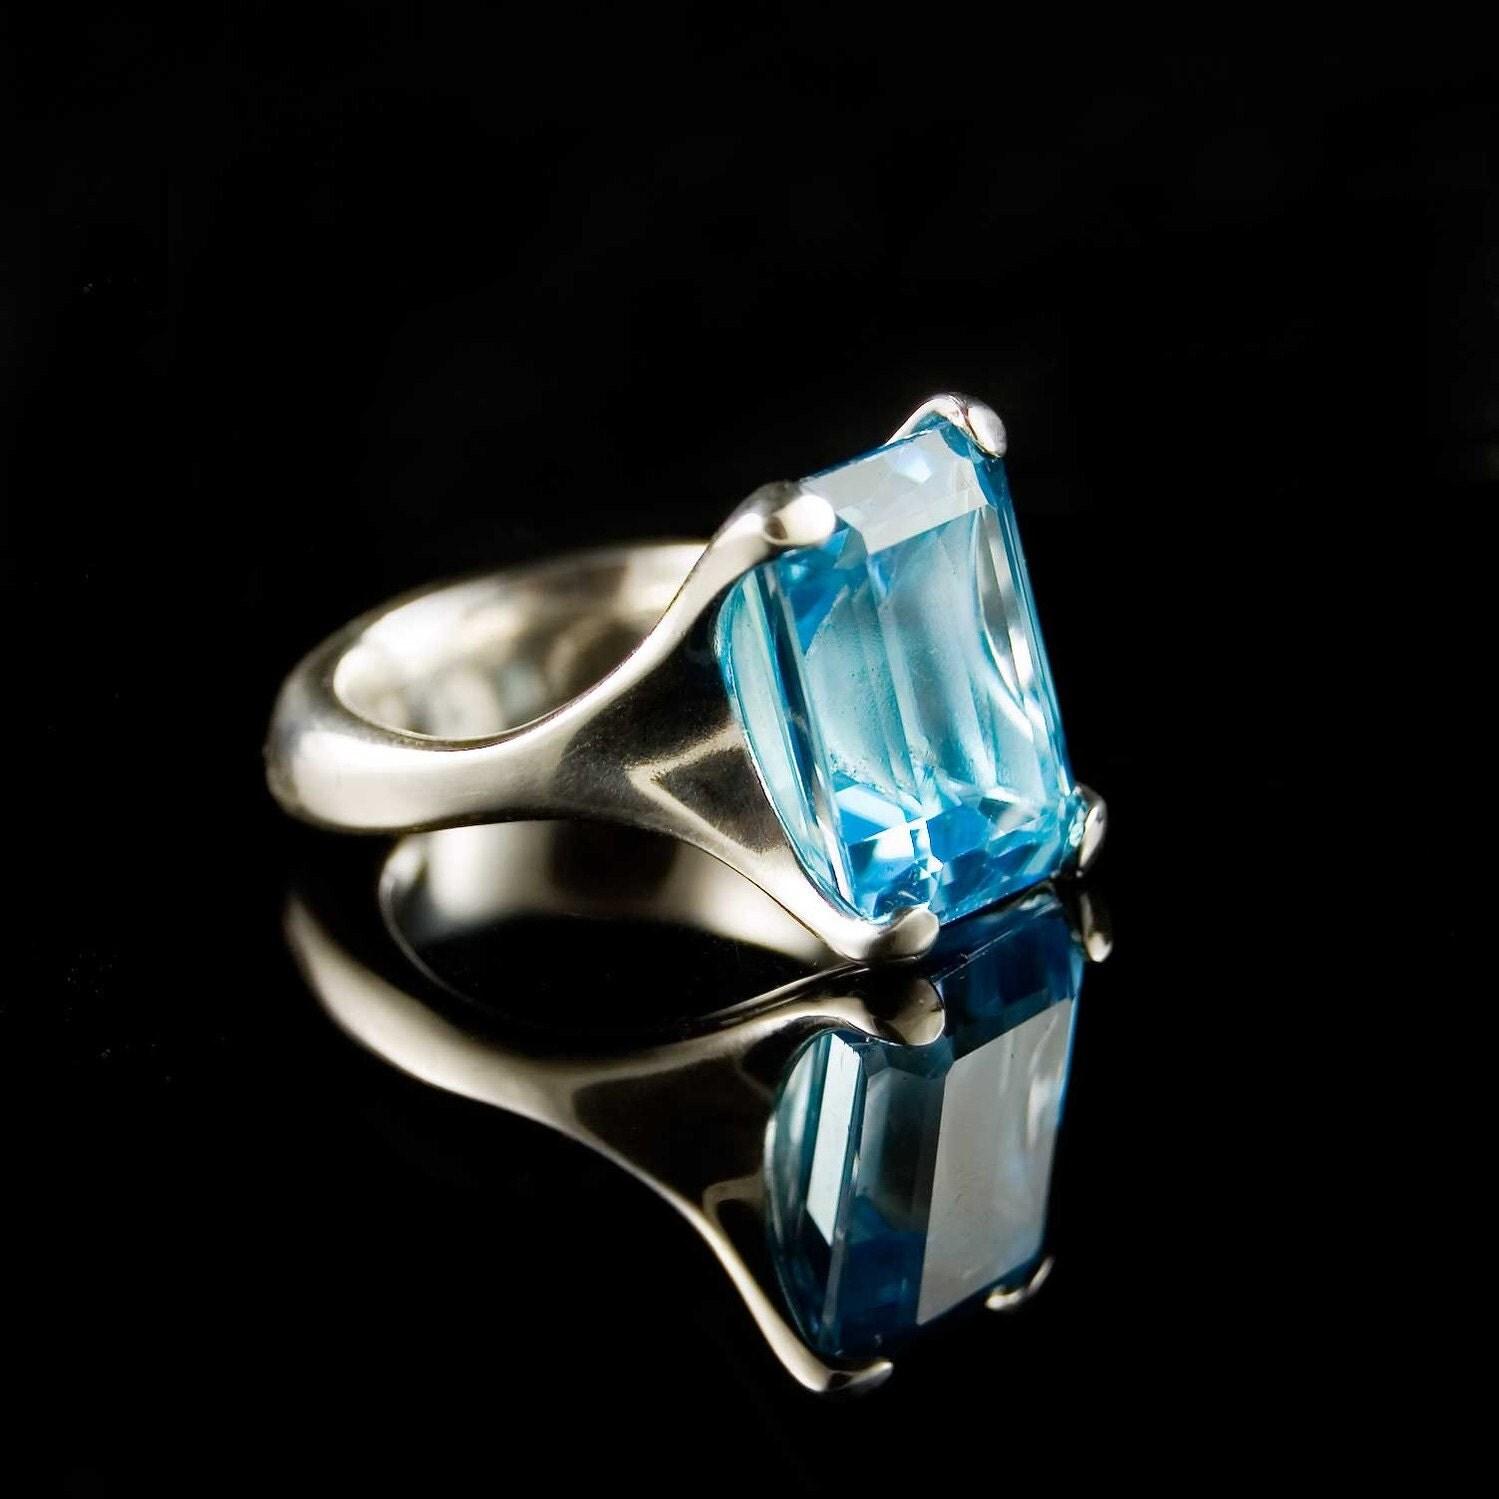 emerald cut ring swiss blue topaz rock in paw sterling silver